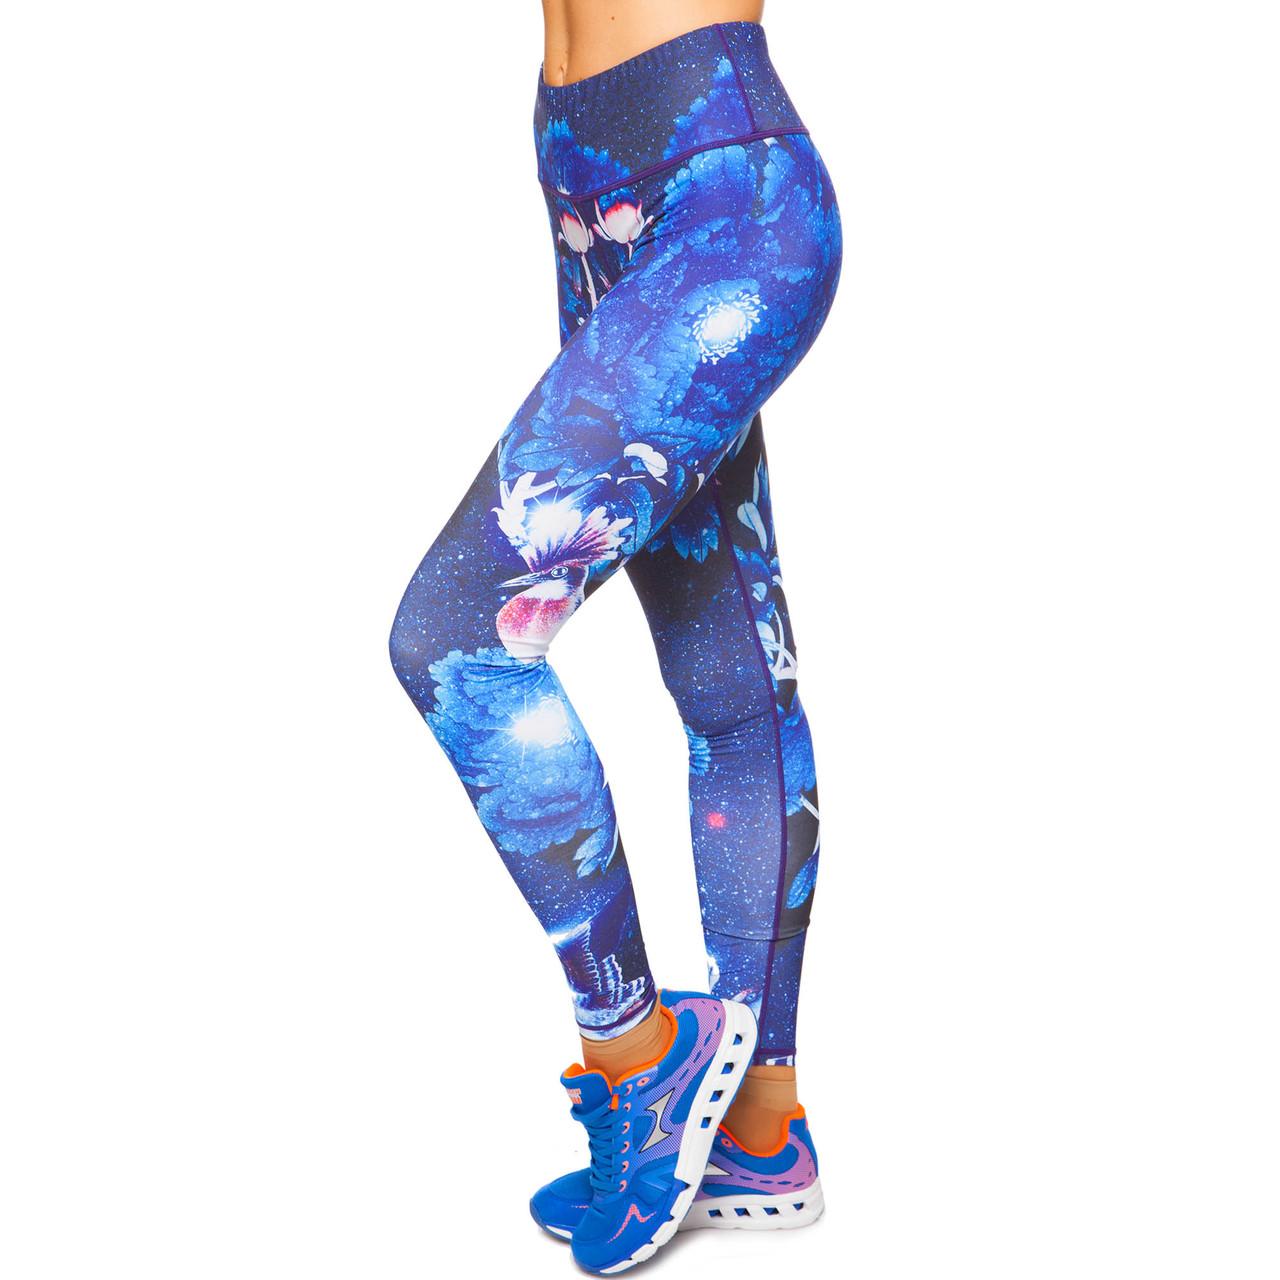 Лосины для фитнеса и йоги с принтом Domino YH60 размер S-L рост 150-180, вес 40-60кг темно-синий-голубой